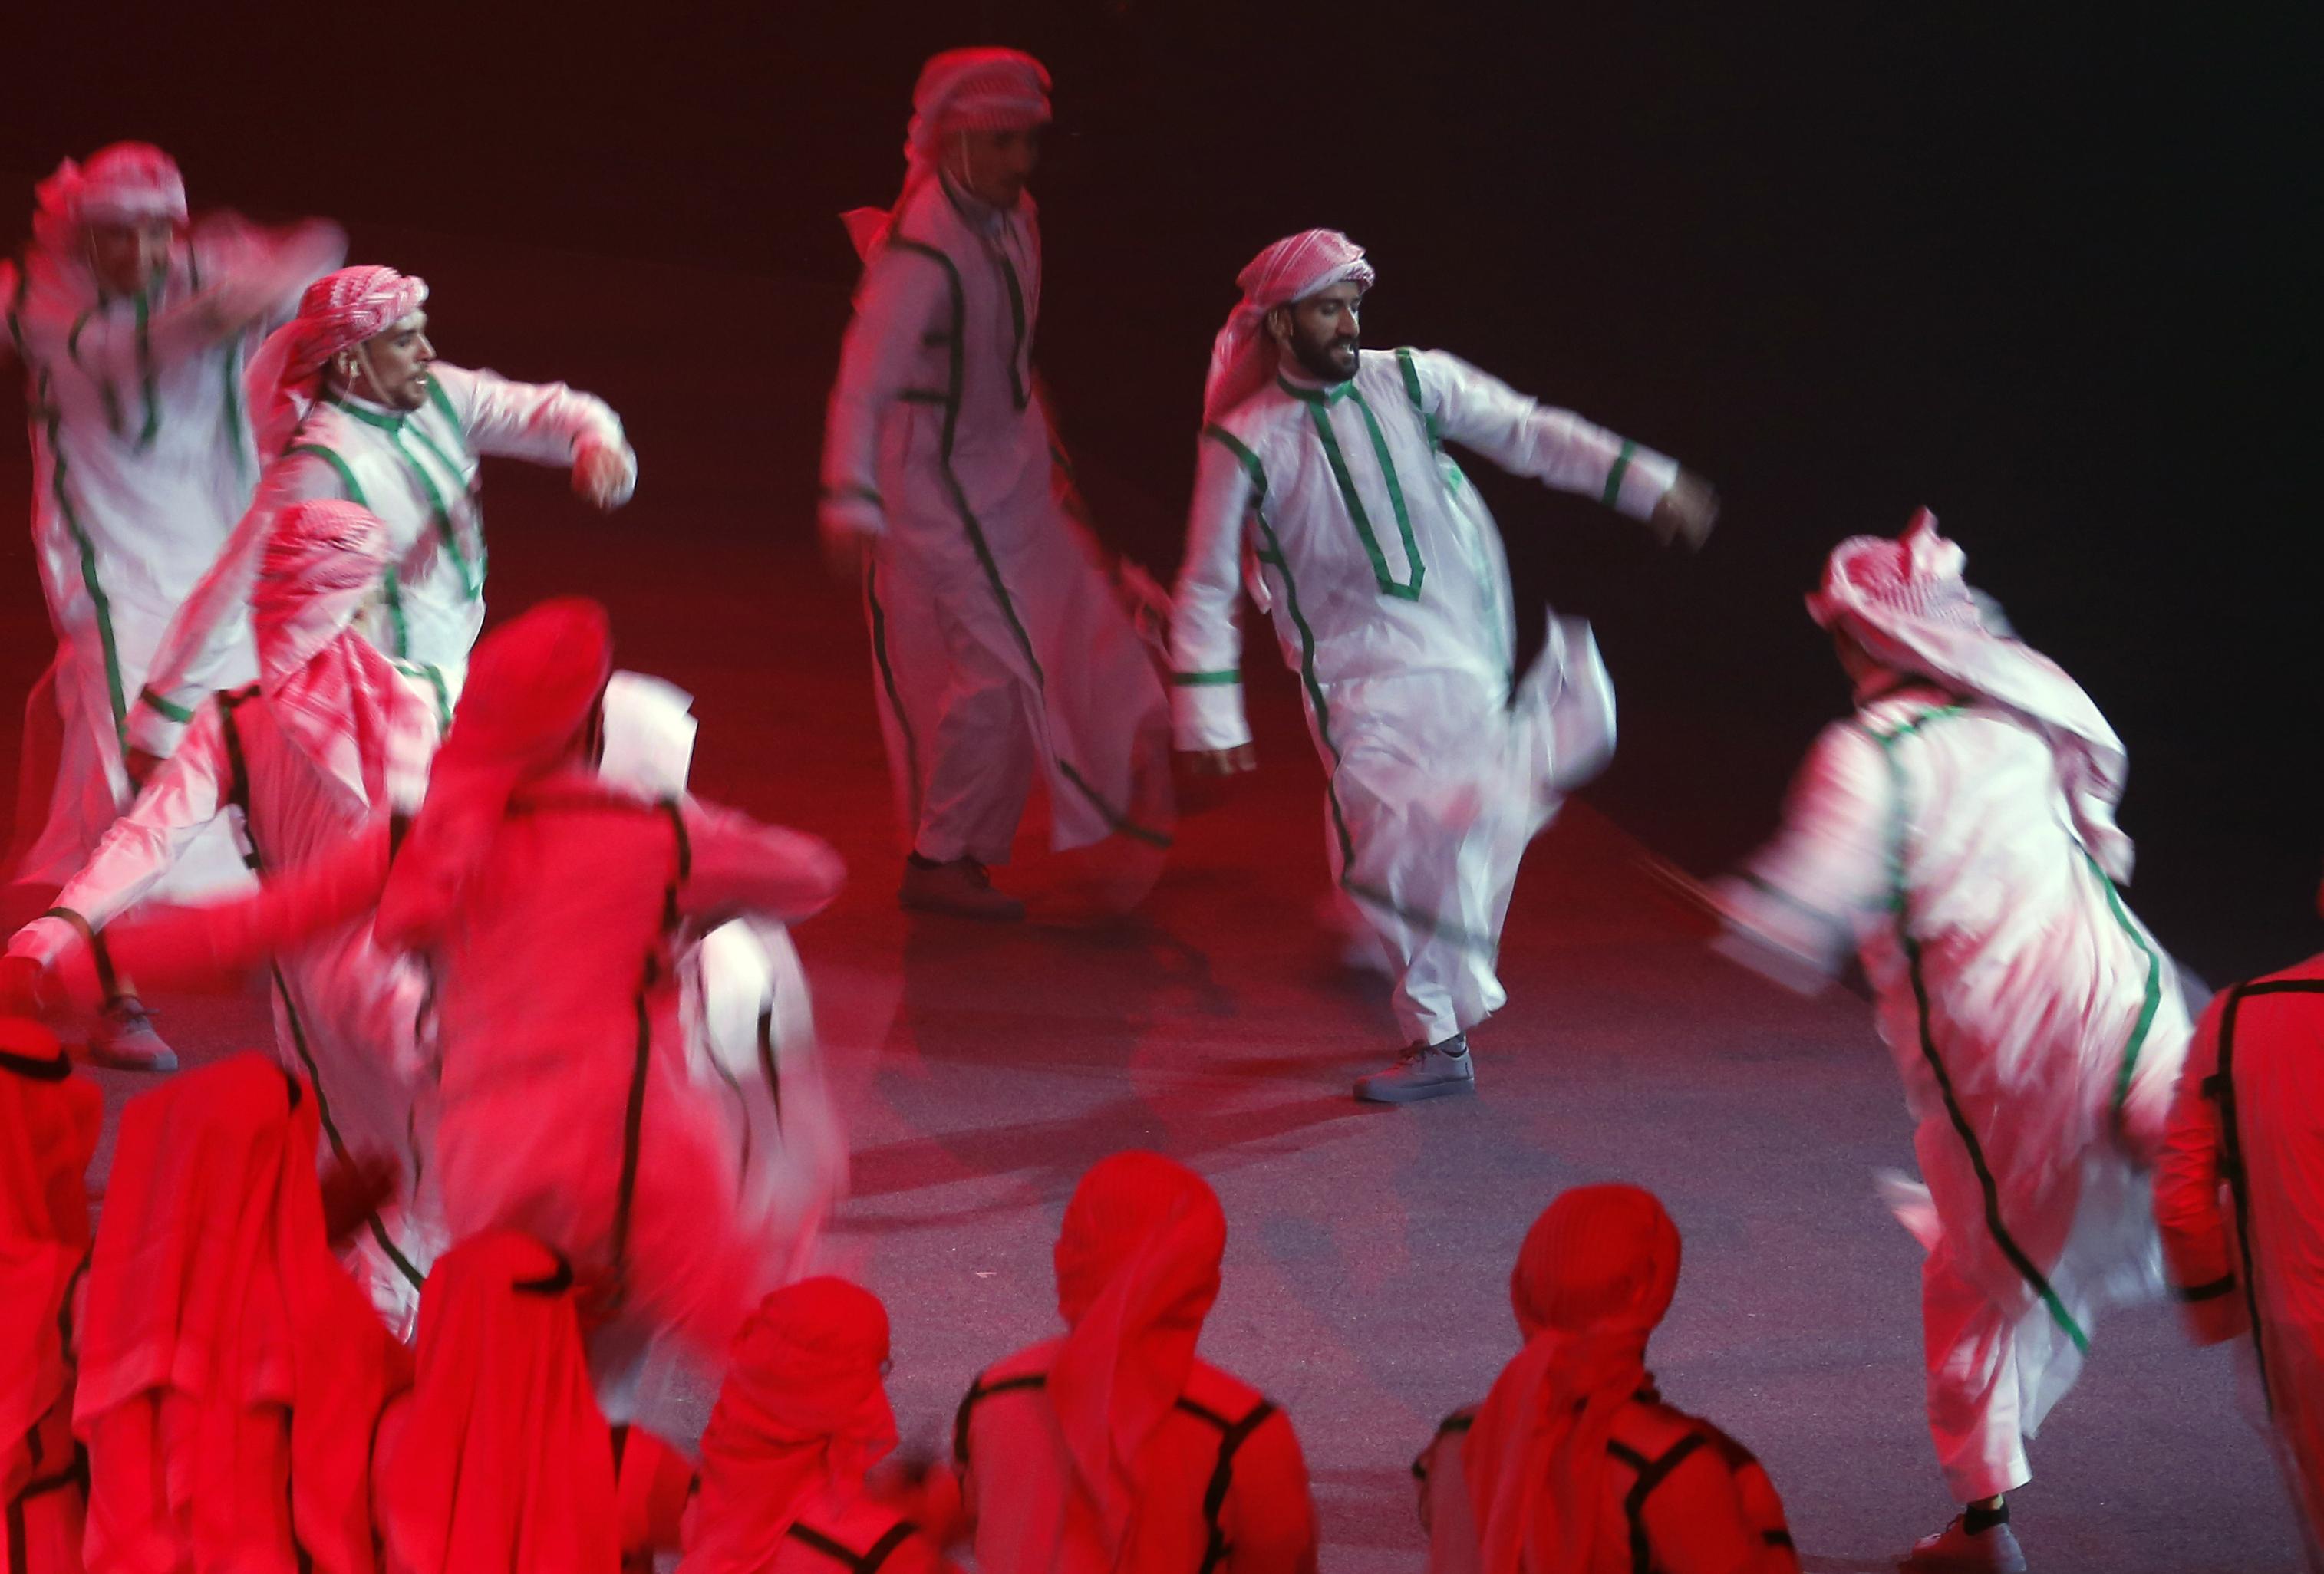 Előadás közben szúrtak meg három művészt Rijádban